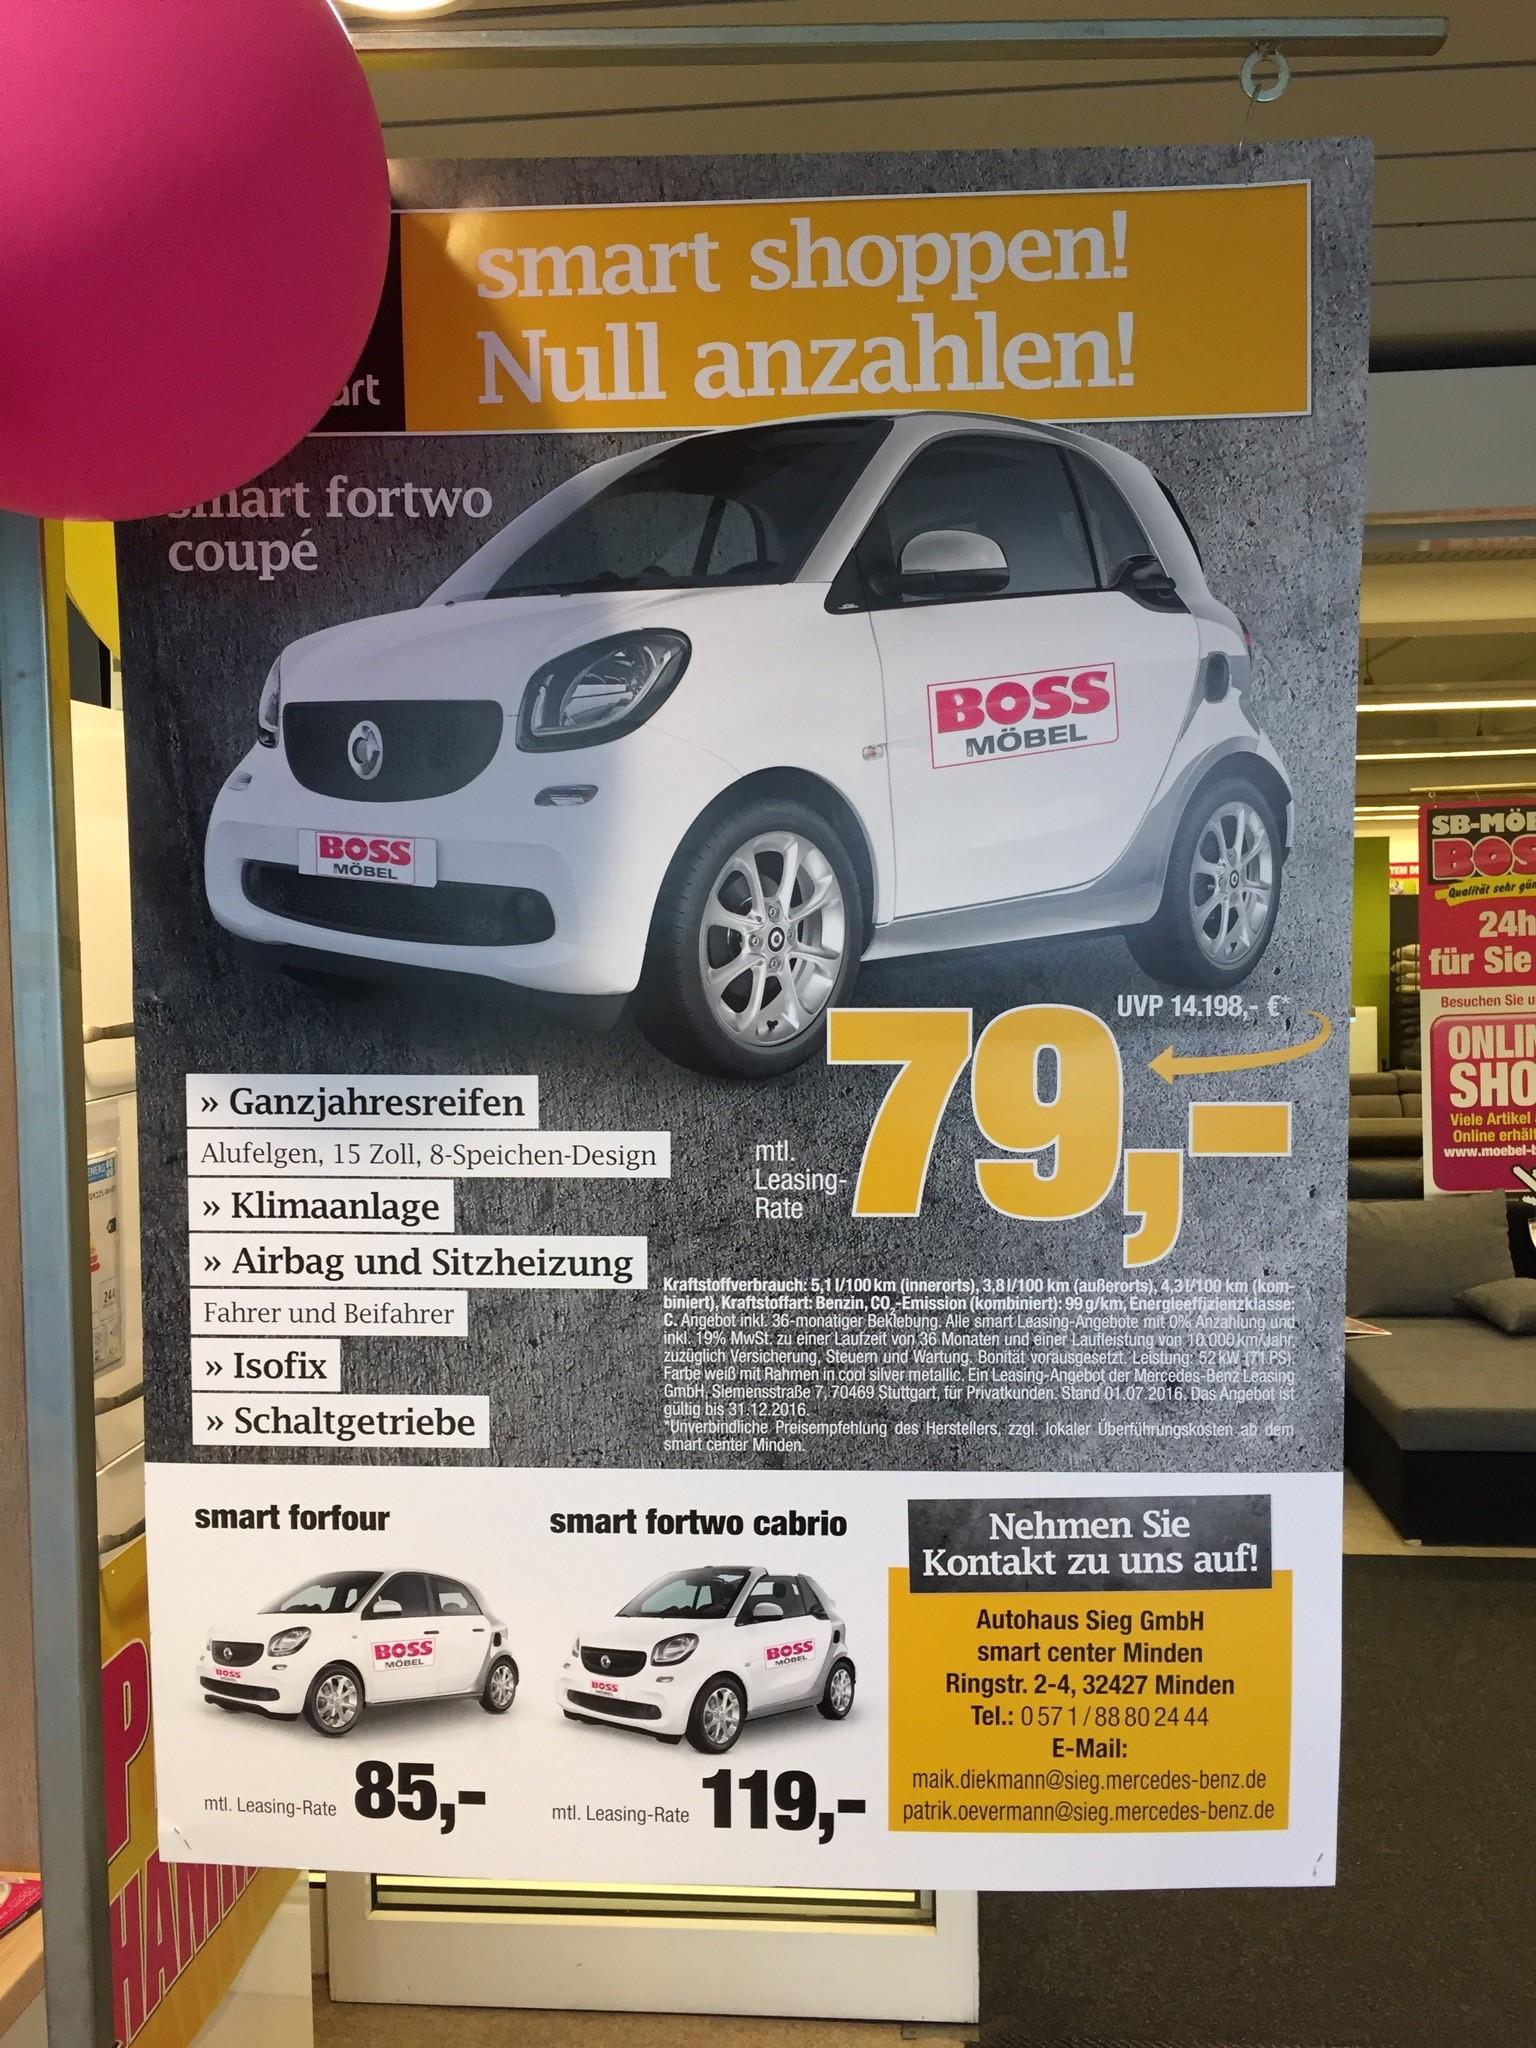 (smart / SB-Möbel Boss) Privatleasing smart fortwo 36 Monate/10Tkm p.a. MIT Werbeaufkleber auf dem Fahrzeug OHNE Anzahlung (auch smart forfour und smart fortwo cabrio)